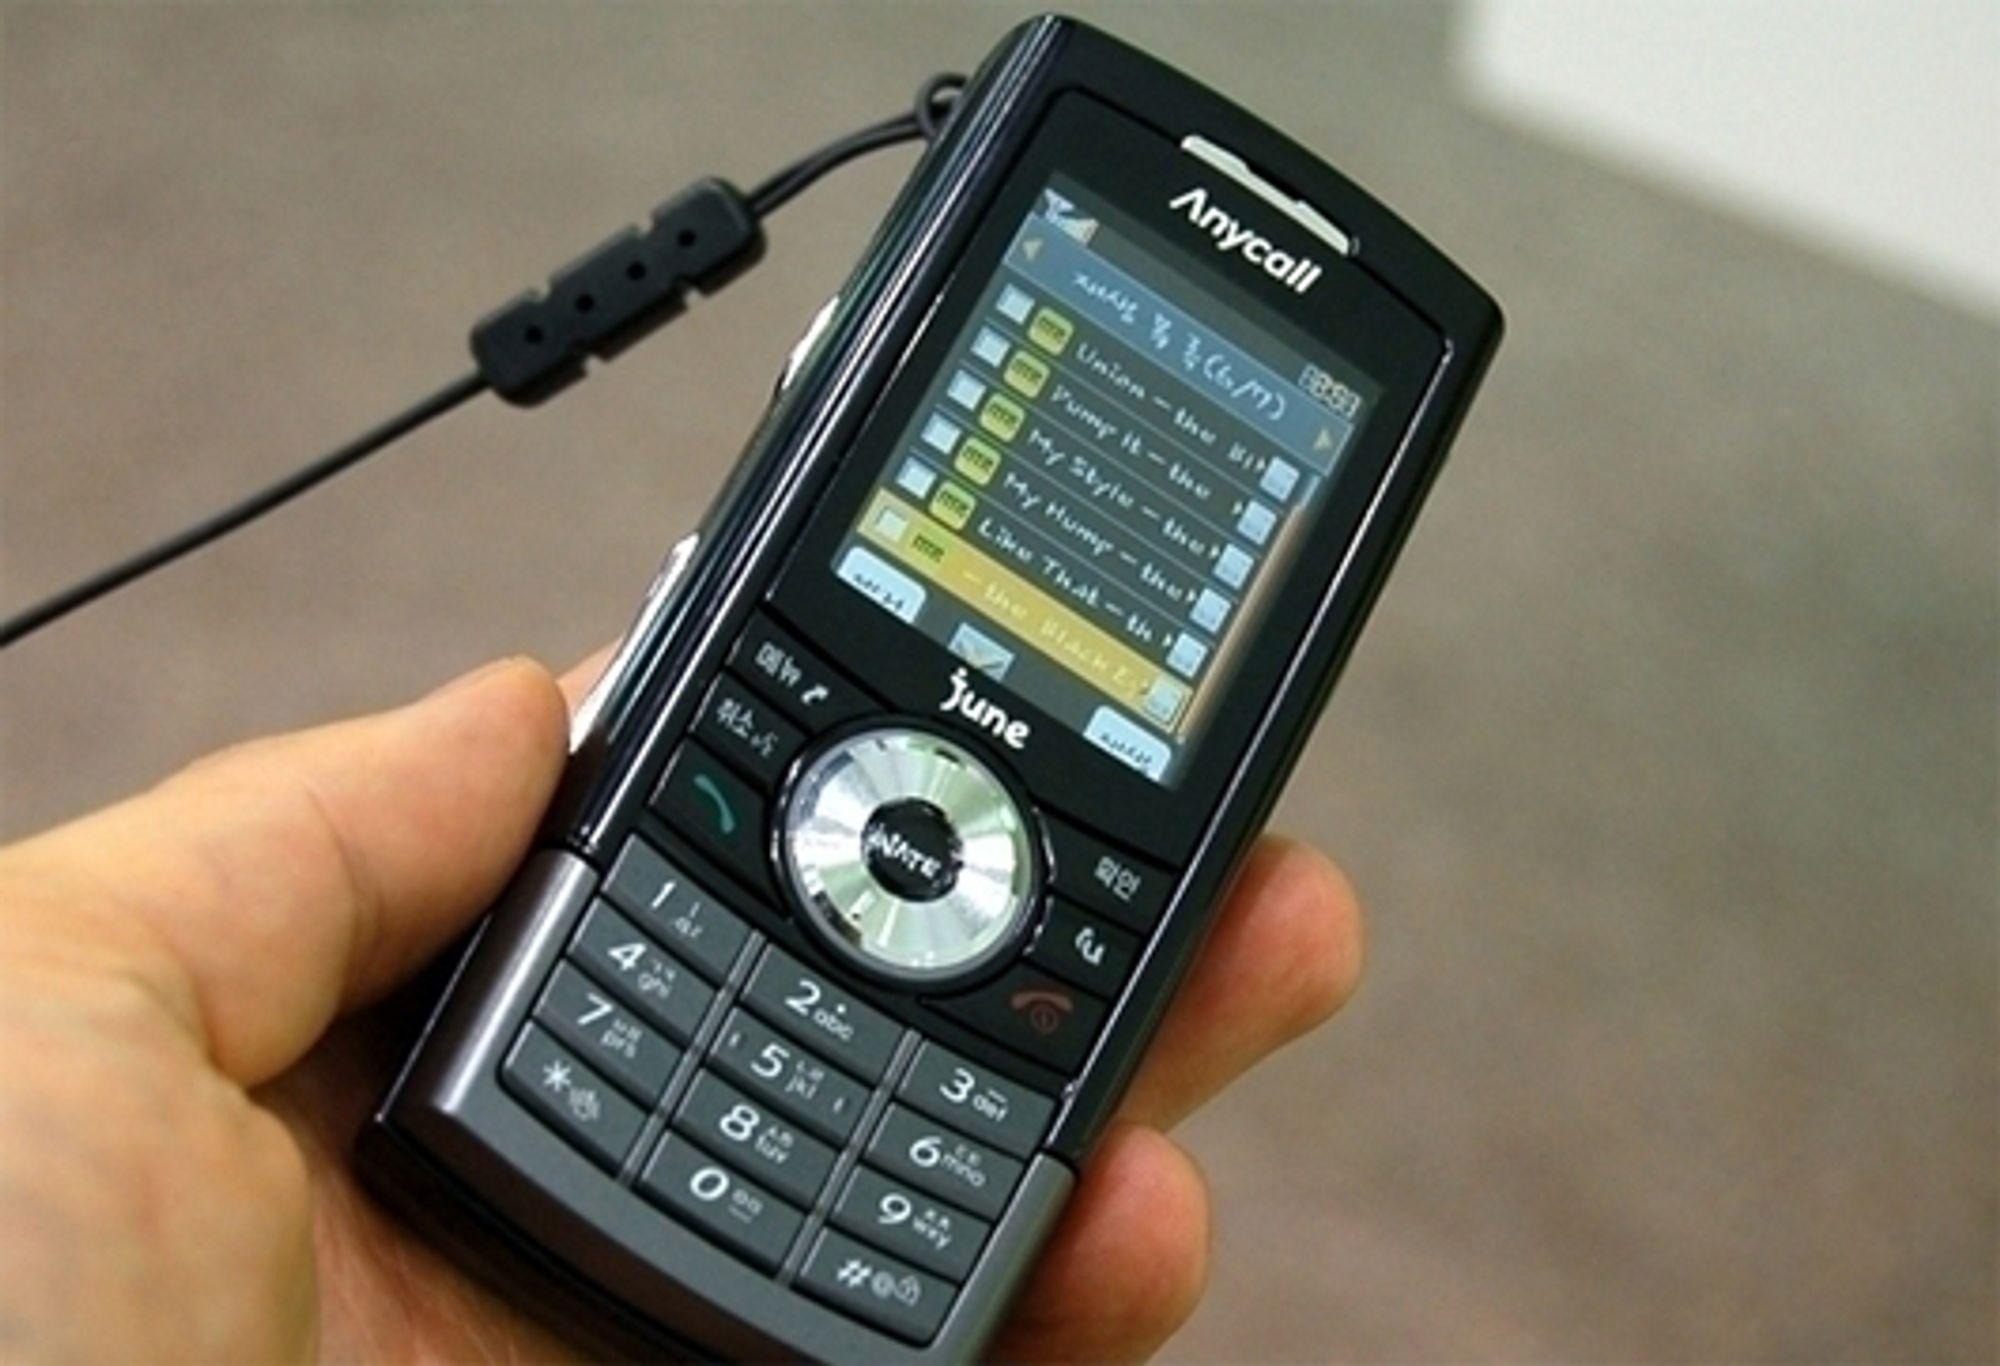 Samsung B570 skilter med 8 GB lagringsplass. (Foto: Aving.net)